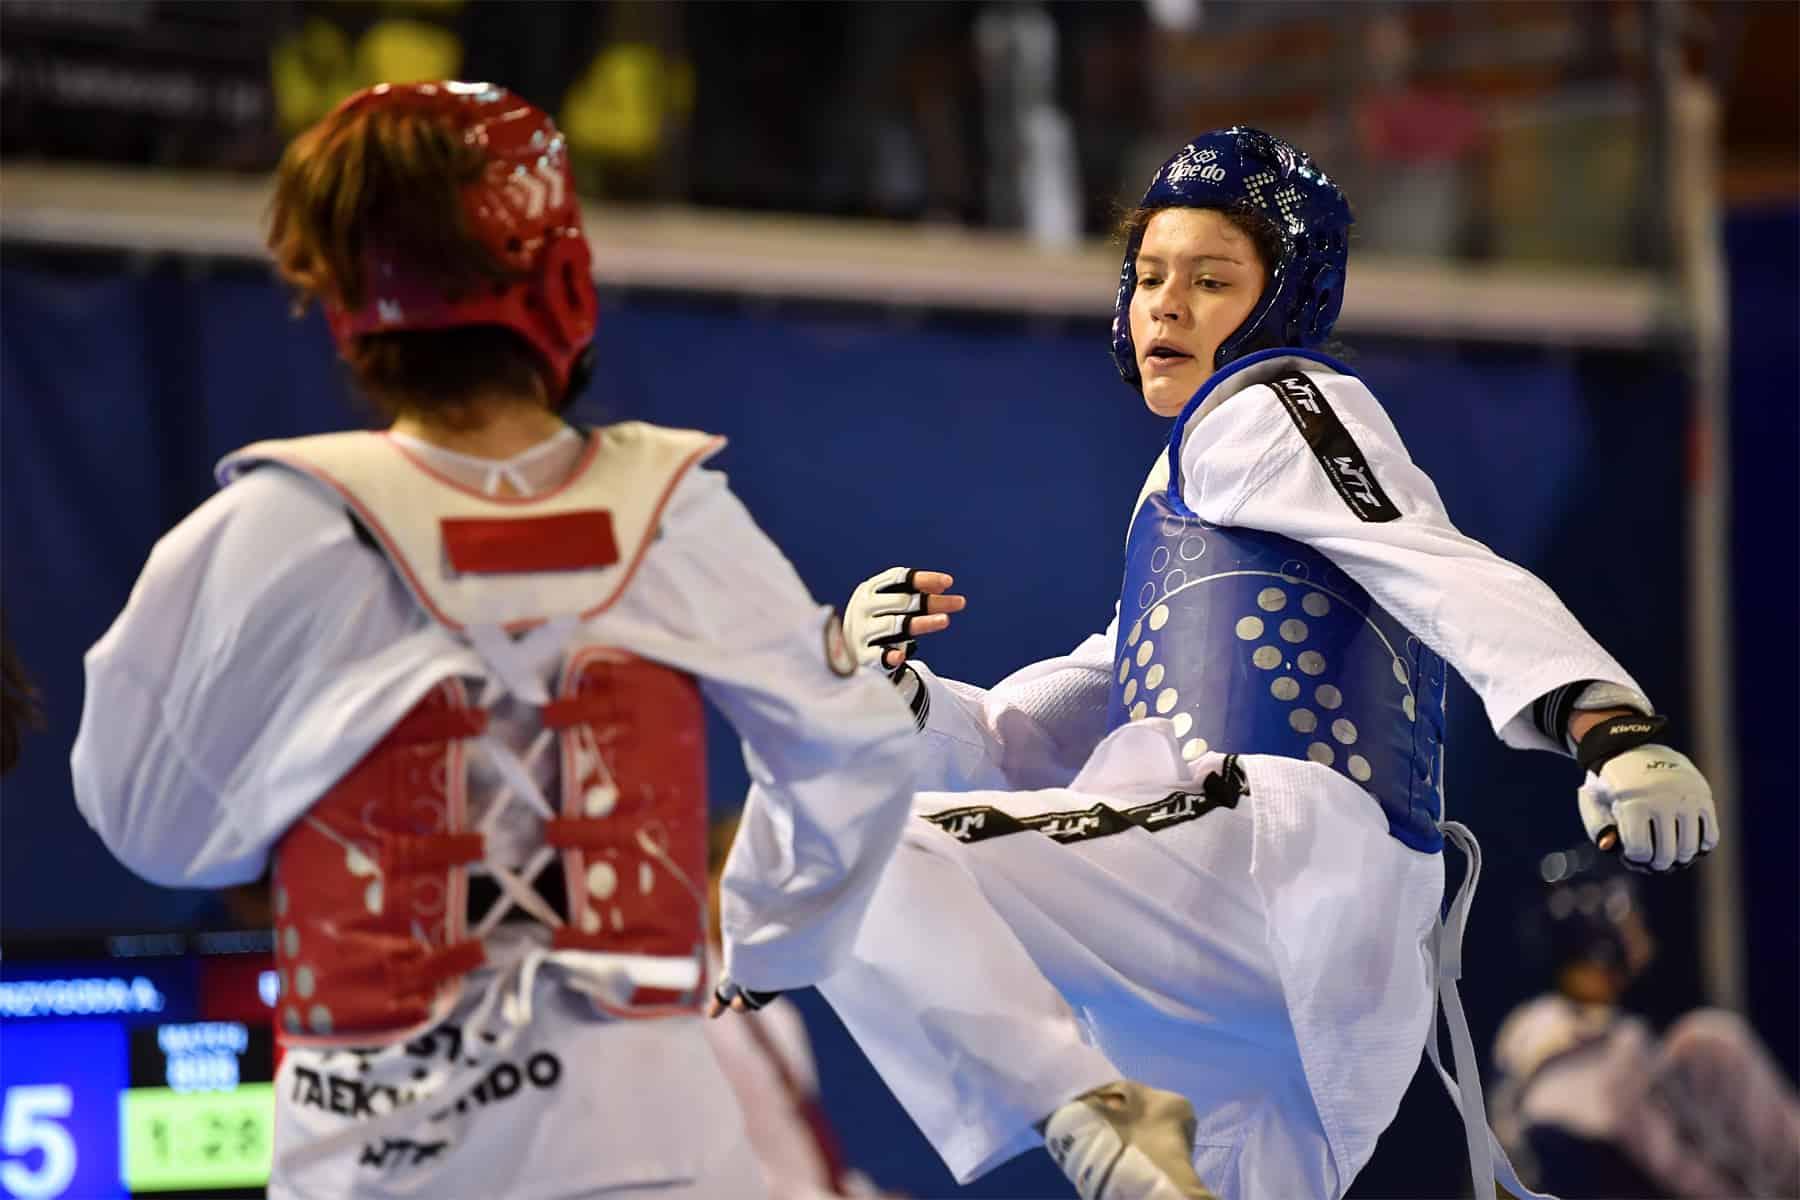 Alina bei einem Kampf